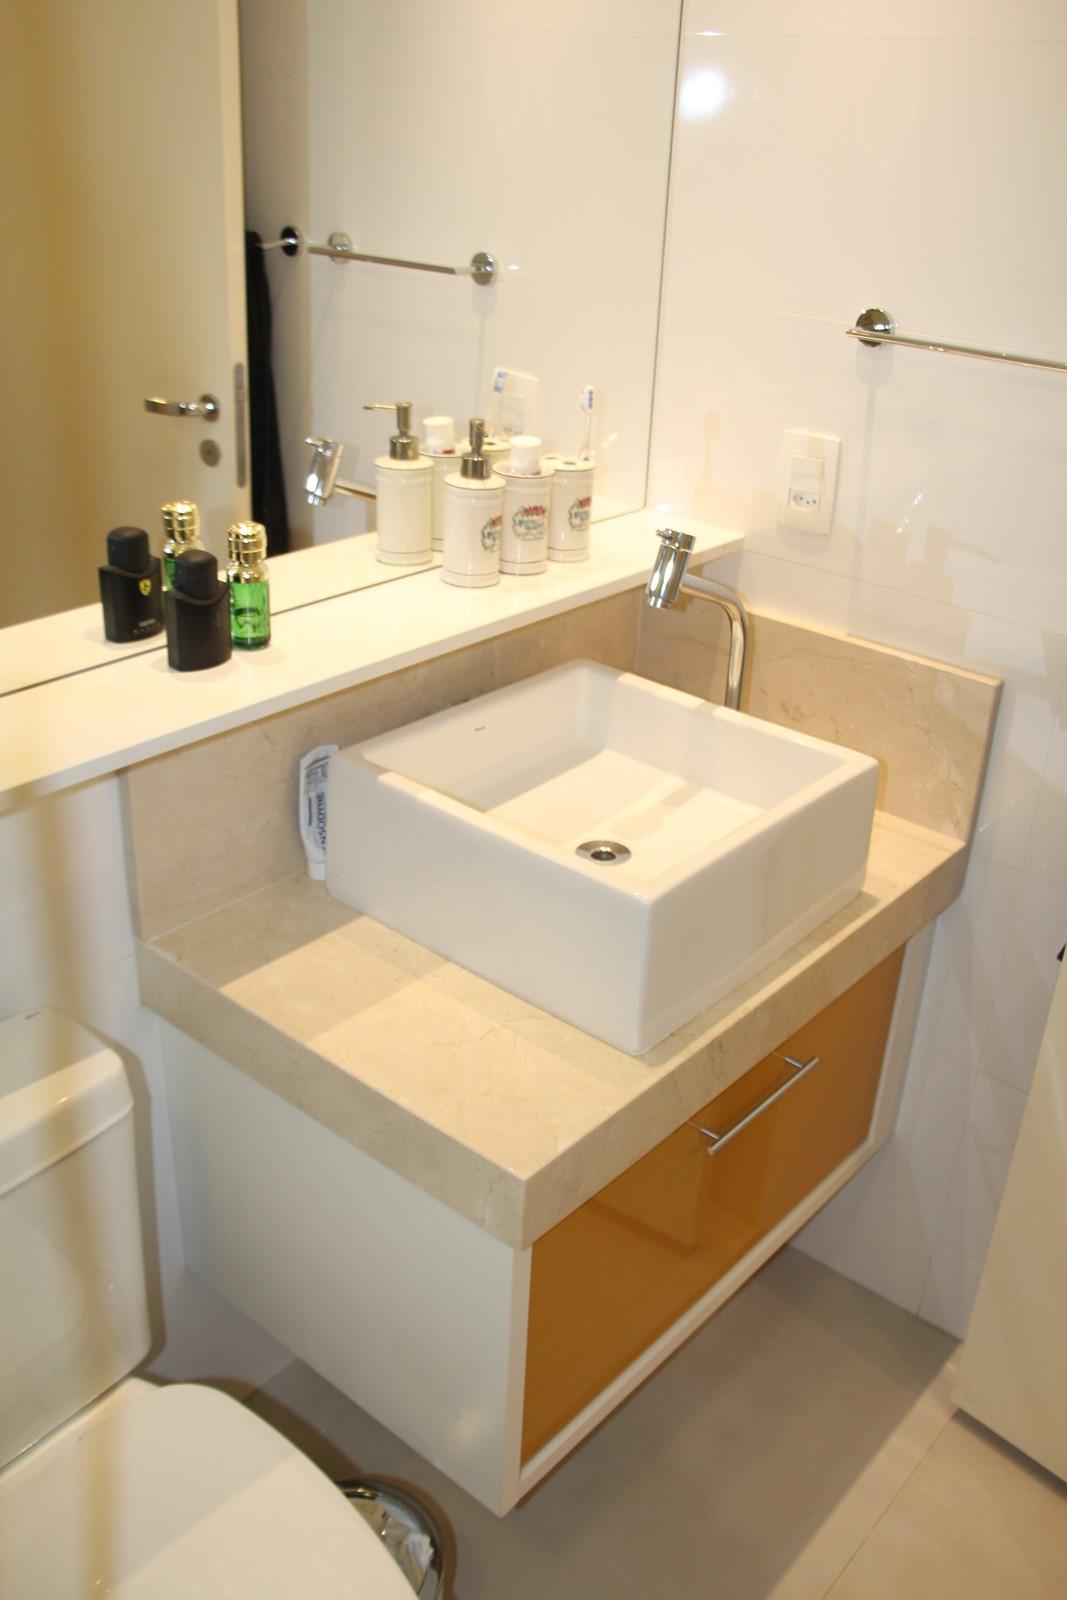 bancada da pia do banheiro social #7C4F1E 1067x1600 Bancada Banheiro Laca